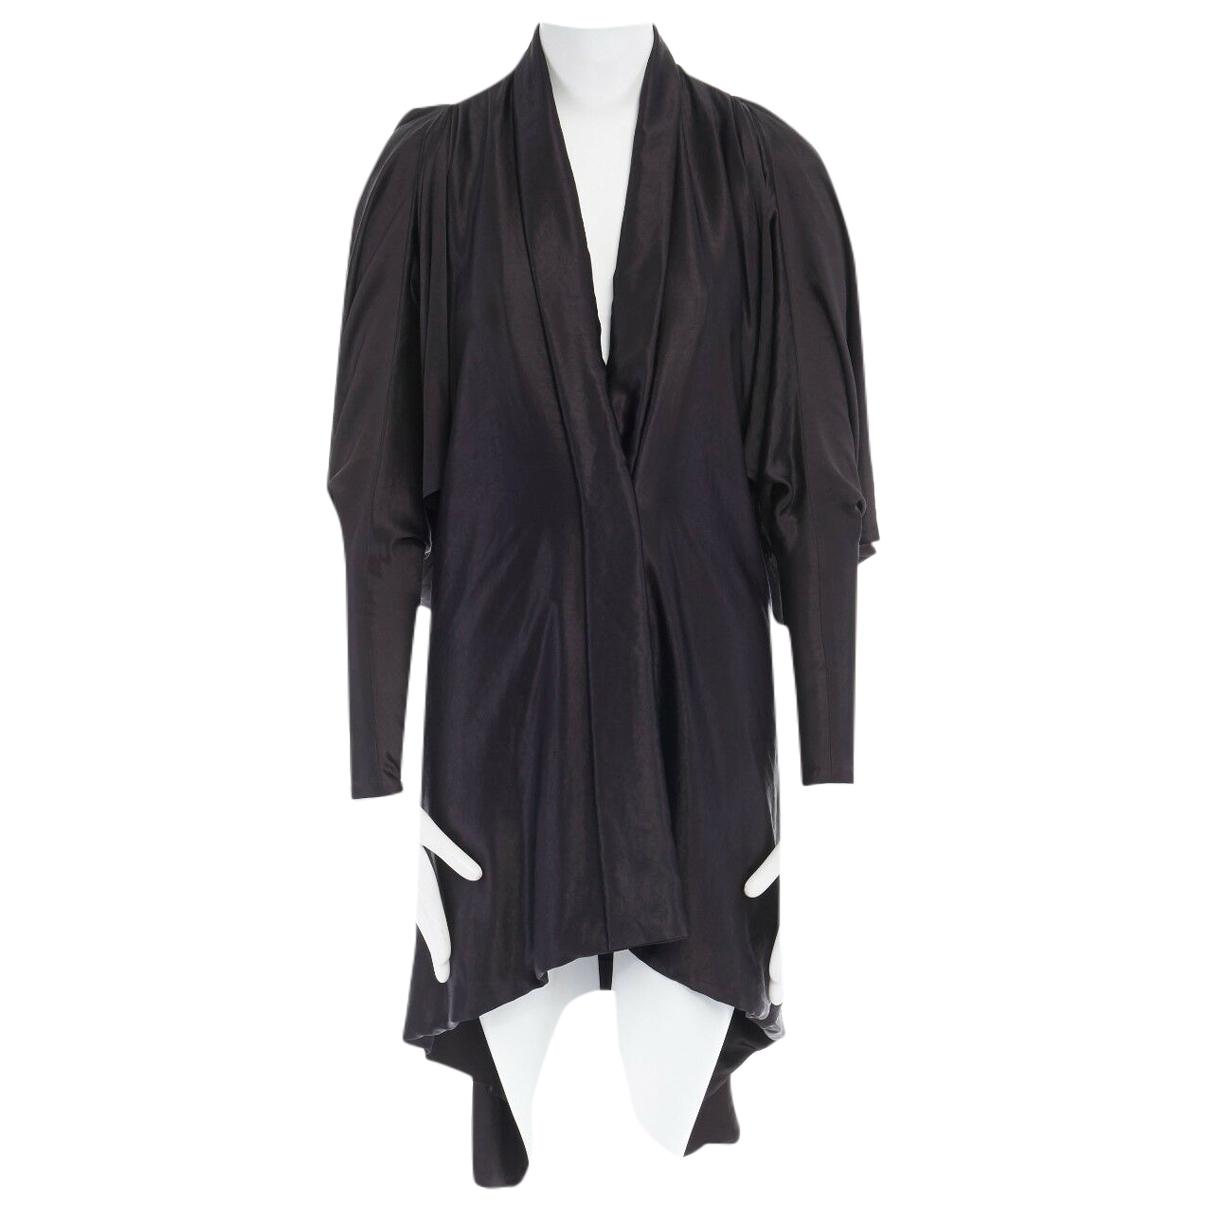 Alexander Mcqueen \N Kleid in  Schwarz Polyester